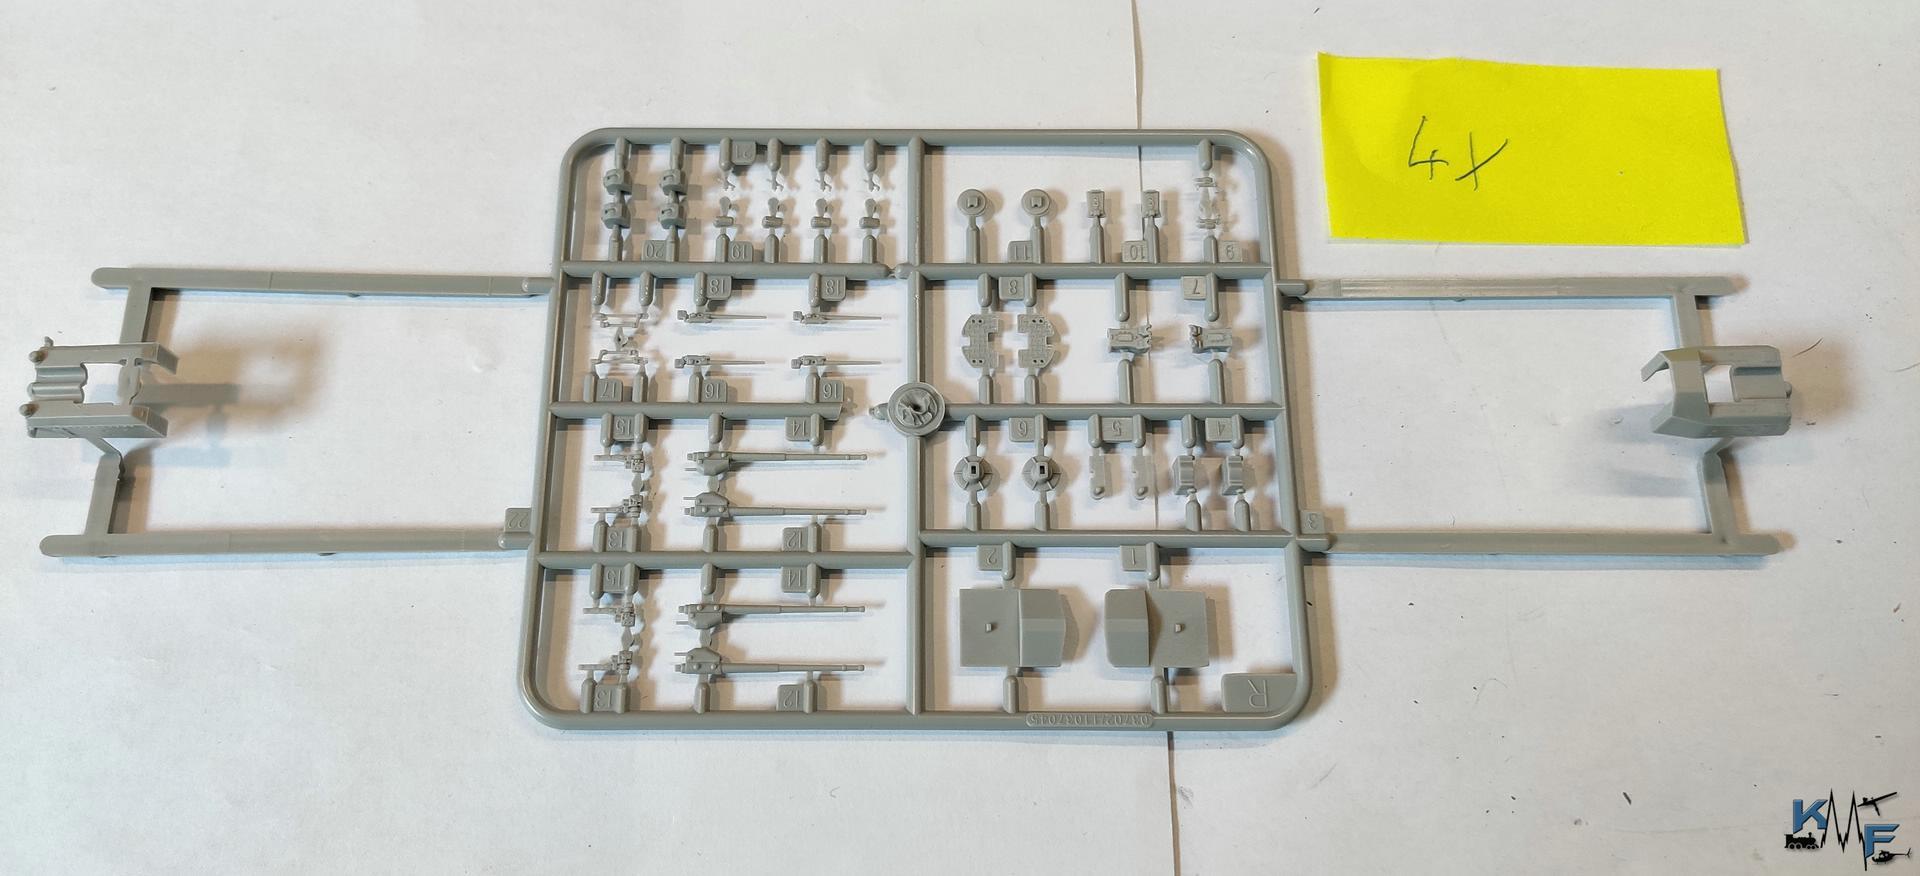 BV-TRU-BISMARCK_64.jpg